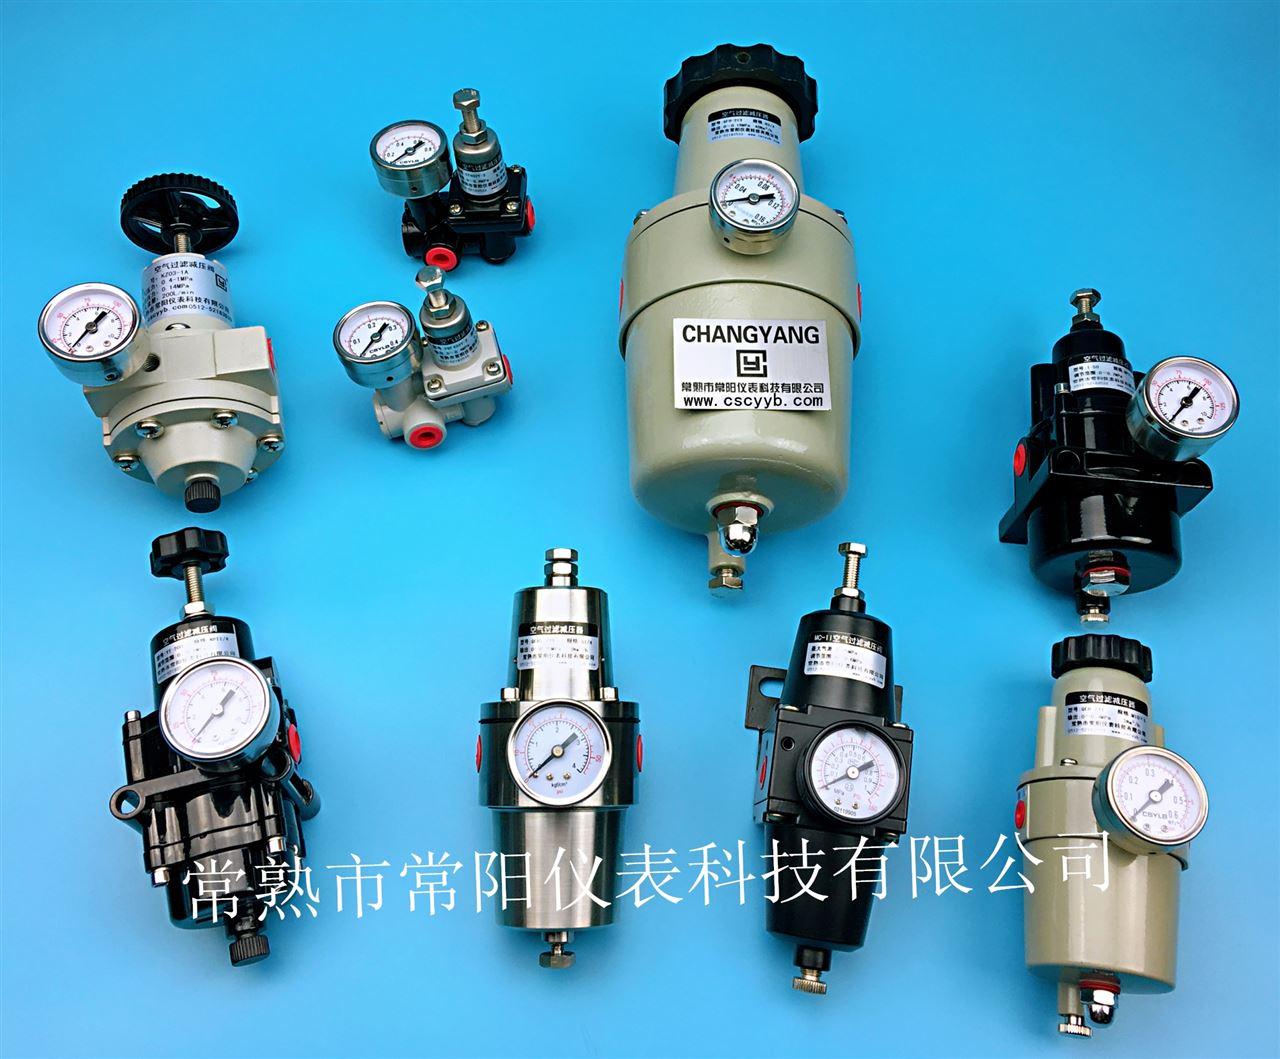 空气过滤减压阀,空气过滤调压阀,空气调压过滤器